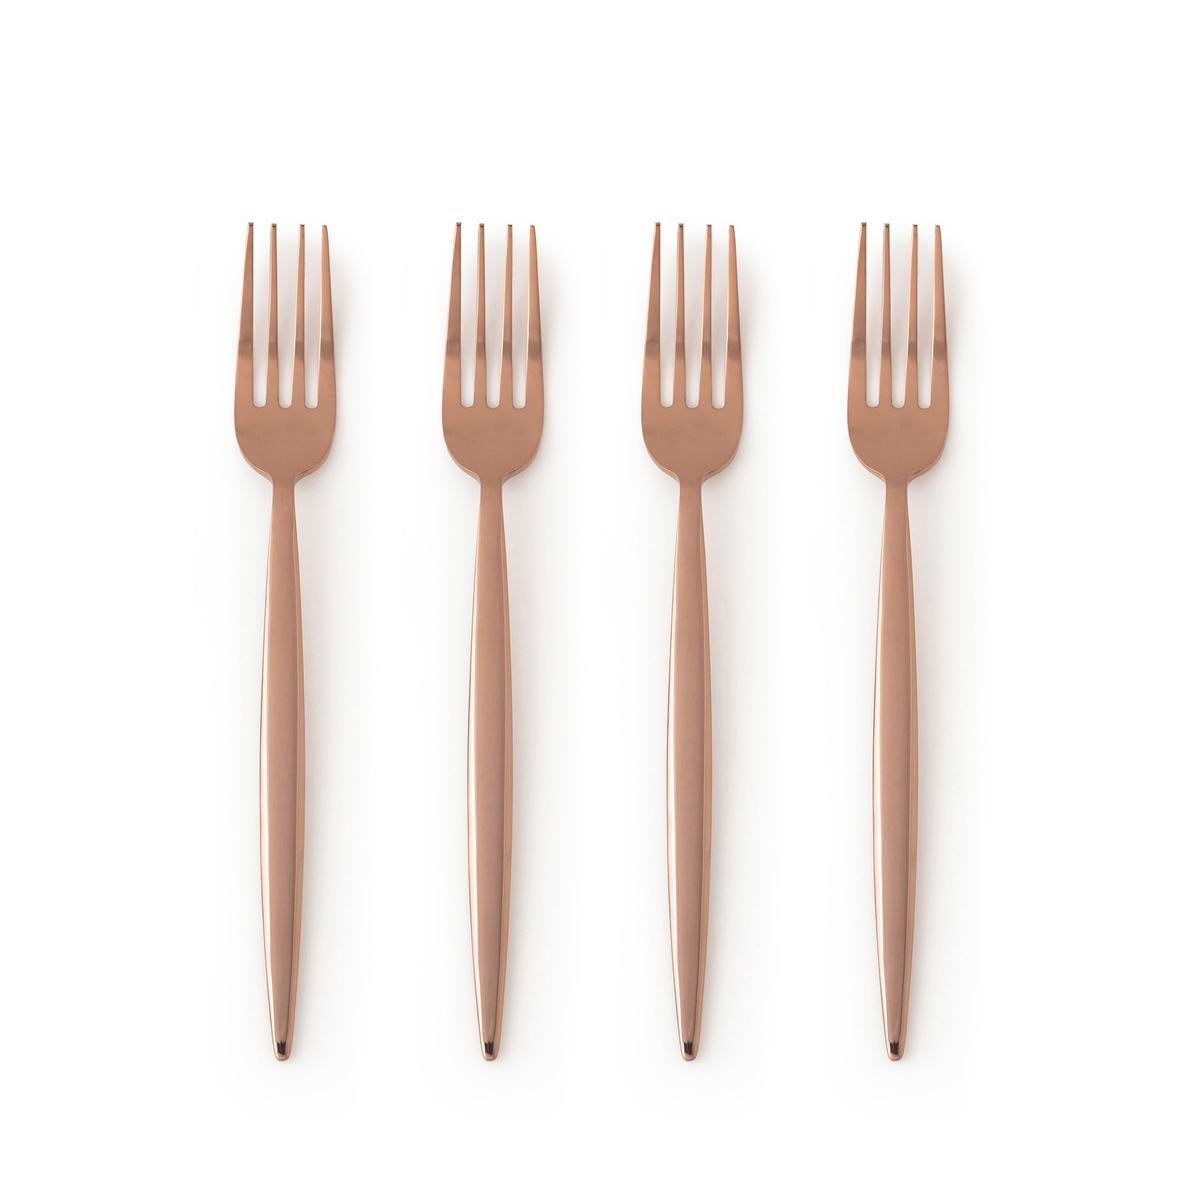 Комплект из 4 вилок Mandoulis4 вилки Mandoulis. Для элегантного и изысканного стола… Из нержавеющей стали с покрытием золотистого цвета. Подходят для использования в посудомоечной машине.<br><br>Цвет: темно-золотистая сталь